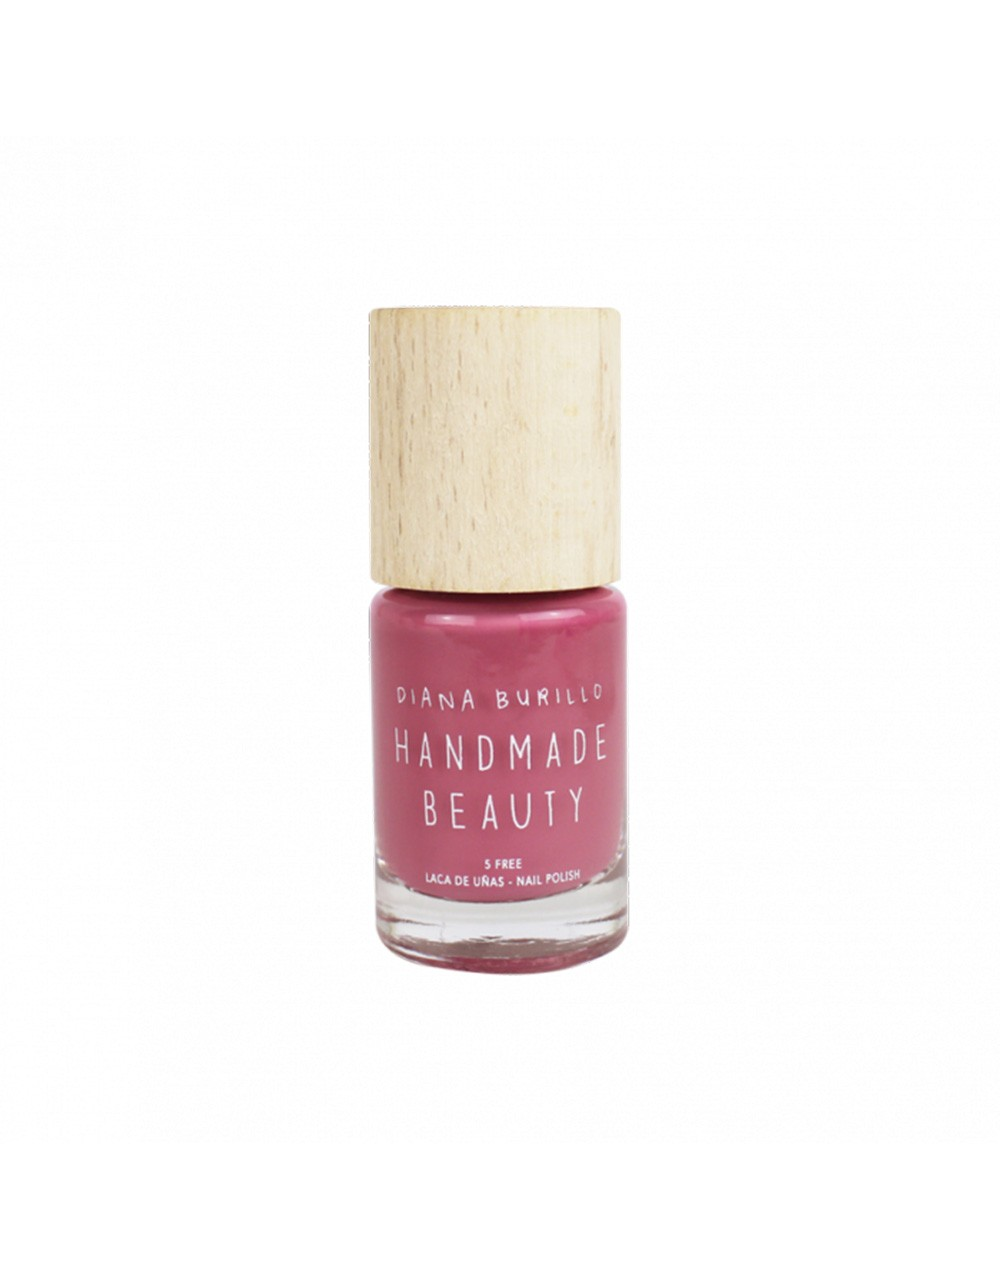 Esmalte de uñas Handmade Beauty 5 free, ecológico color palo de rosa Almond